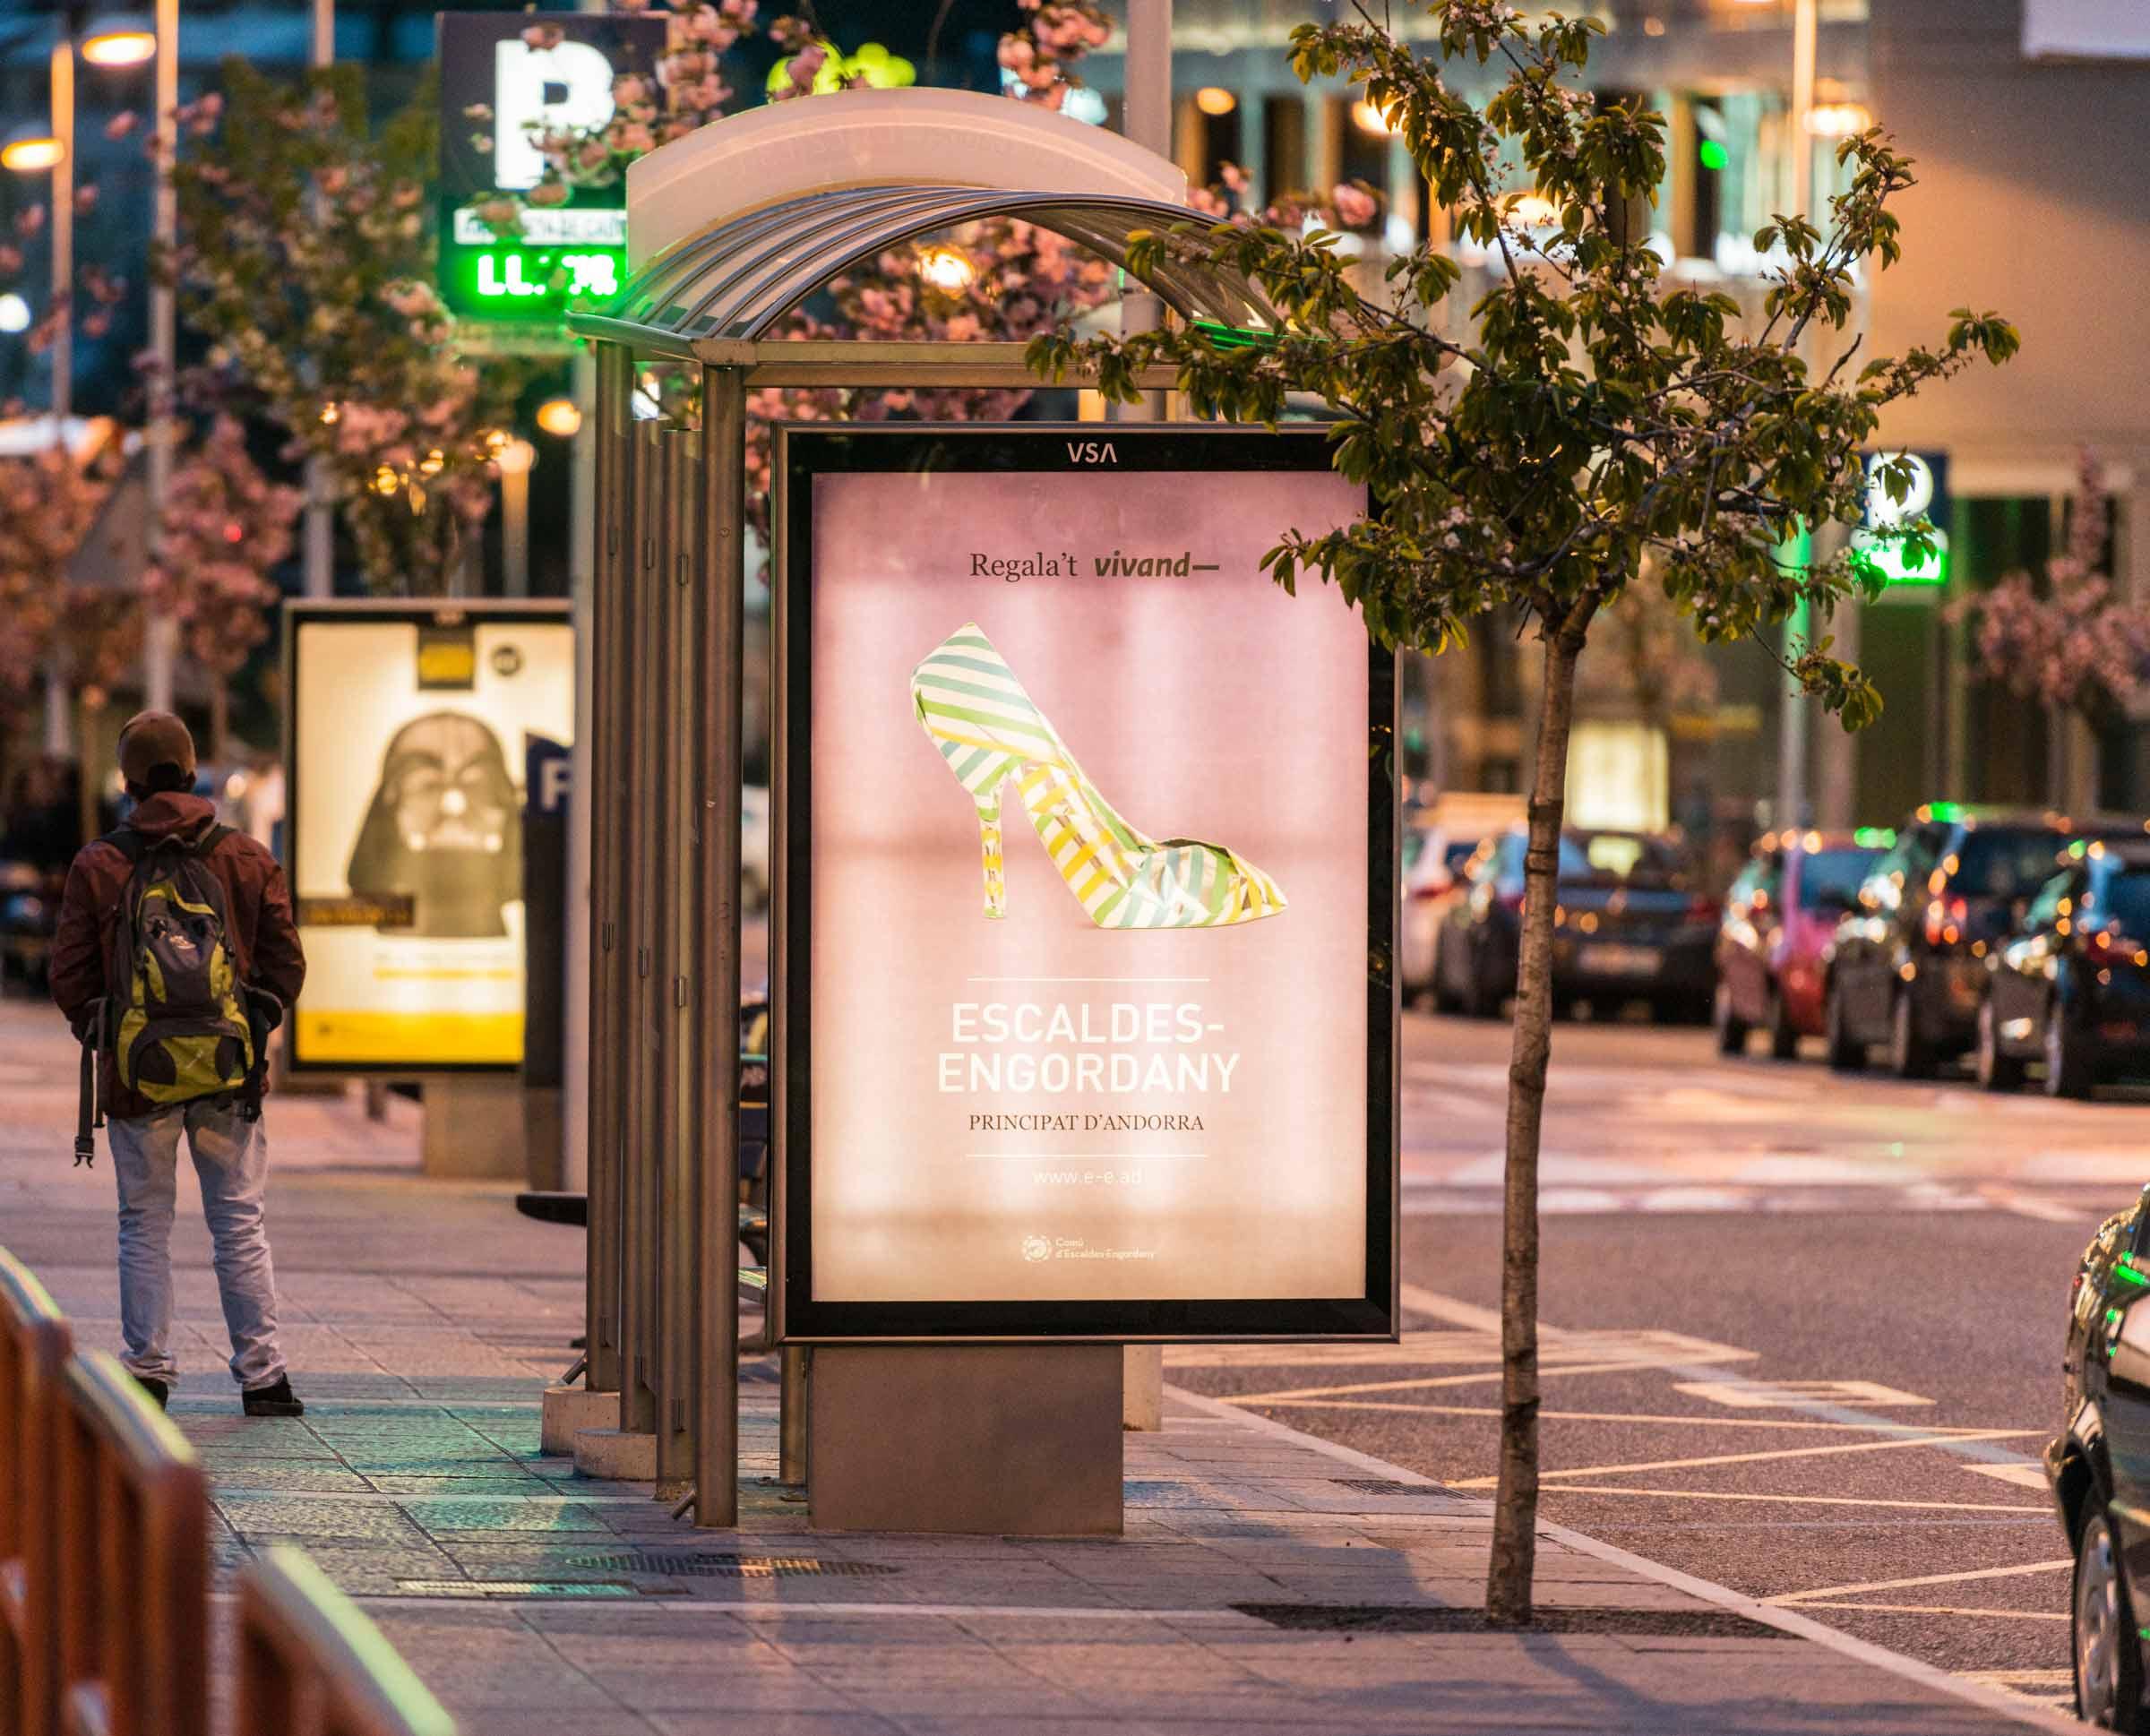 mobiliario-urbano-oppi-publicidad-exterior-vivand-escaldes-engordany-abril-vsa-comunicacion